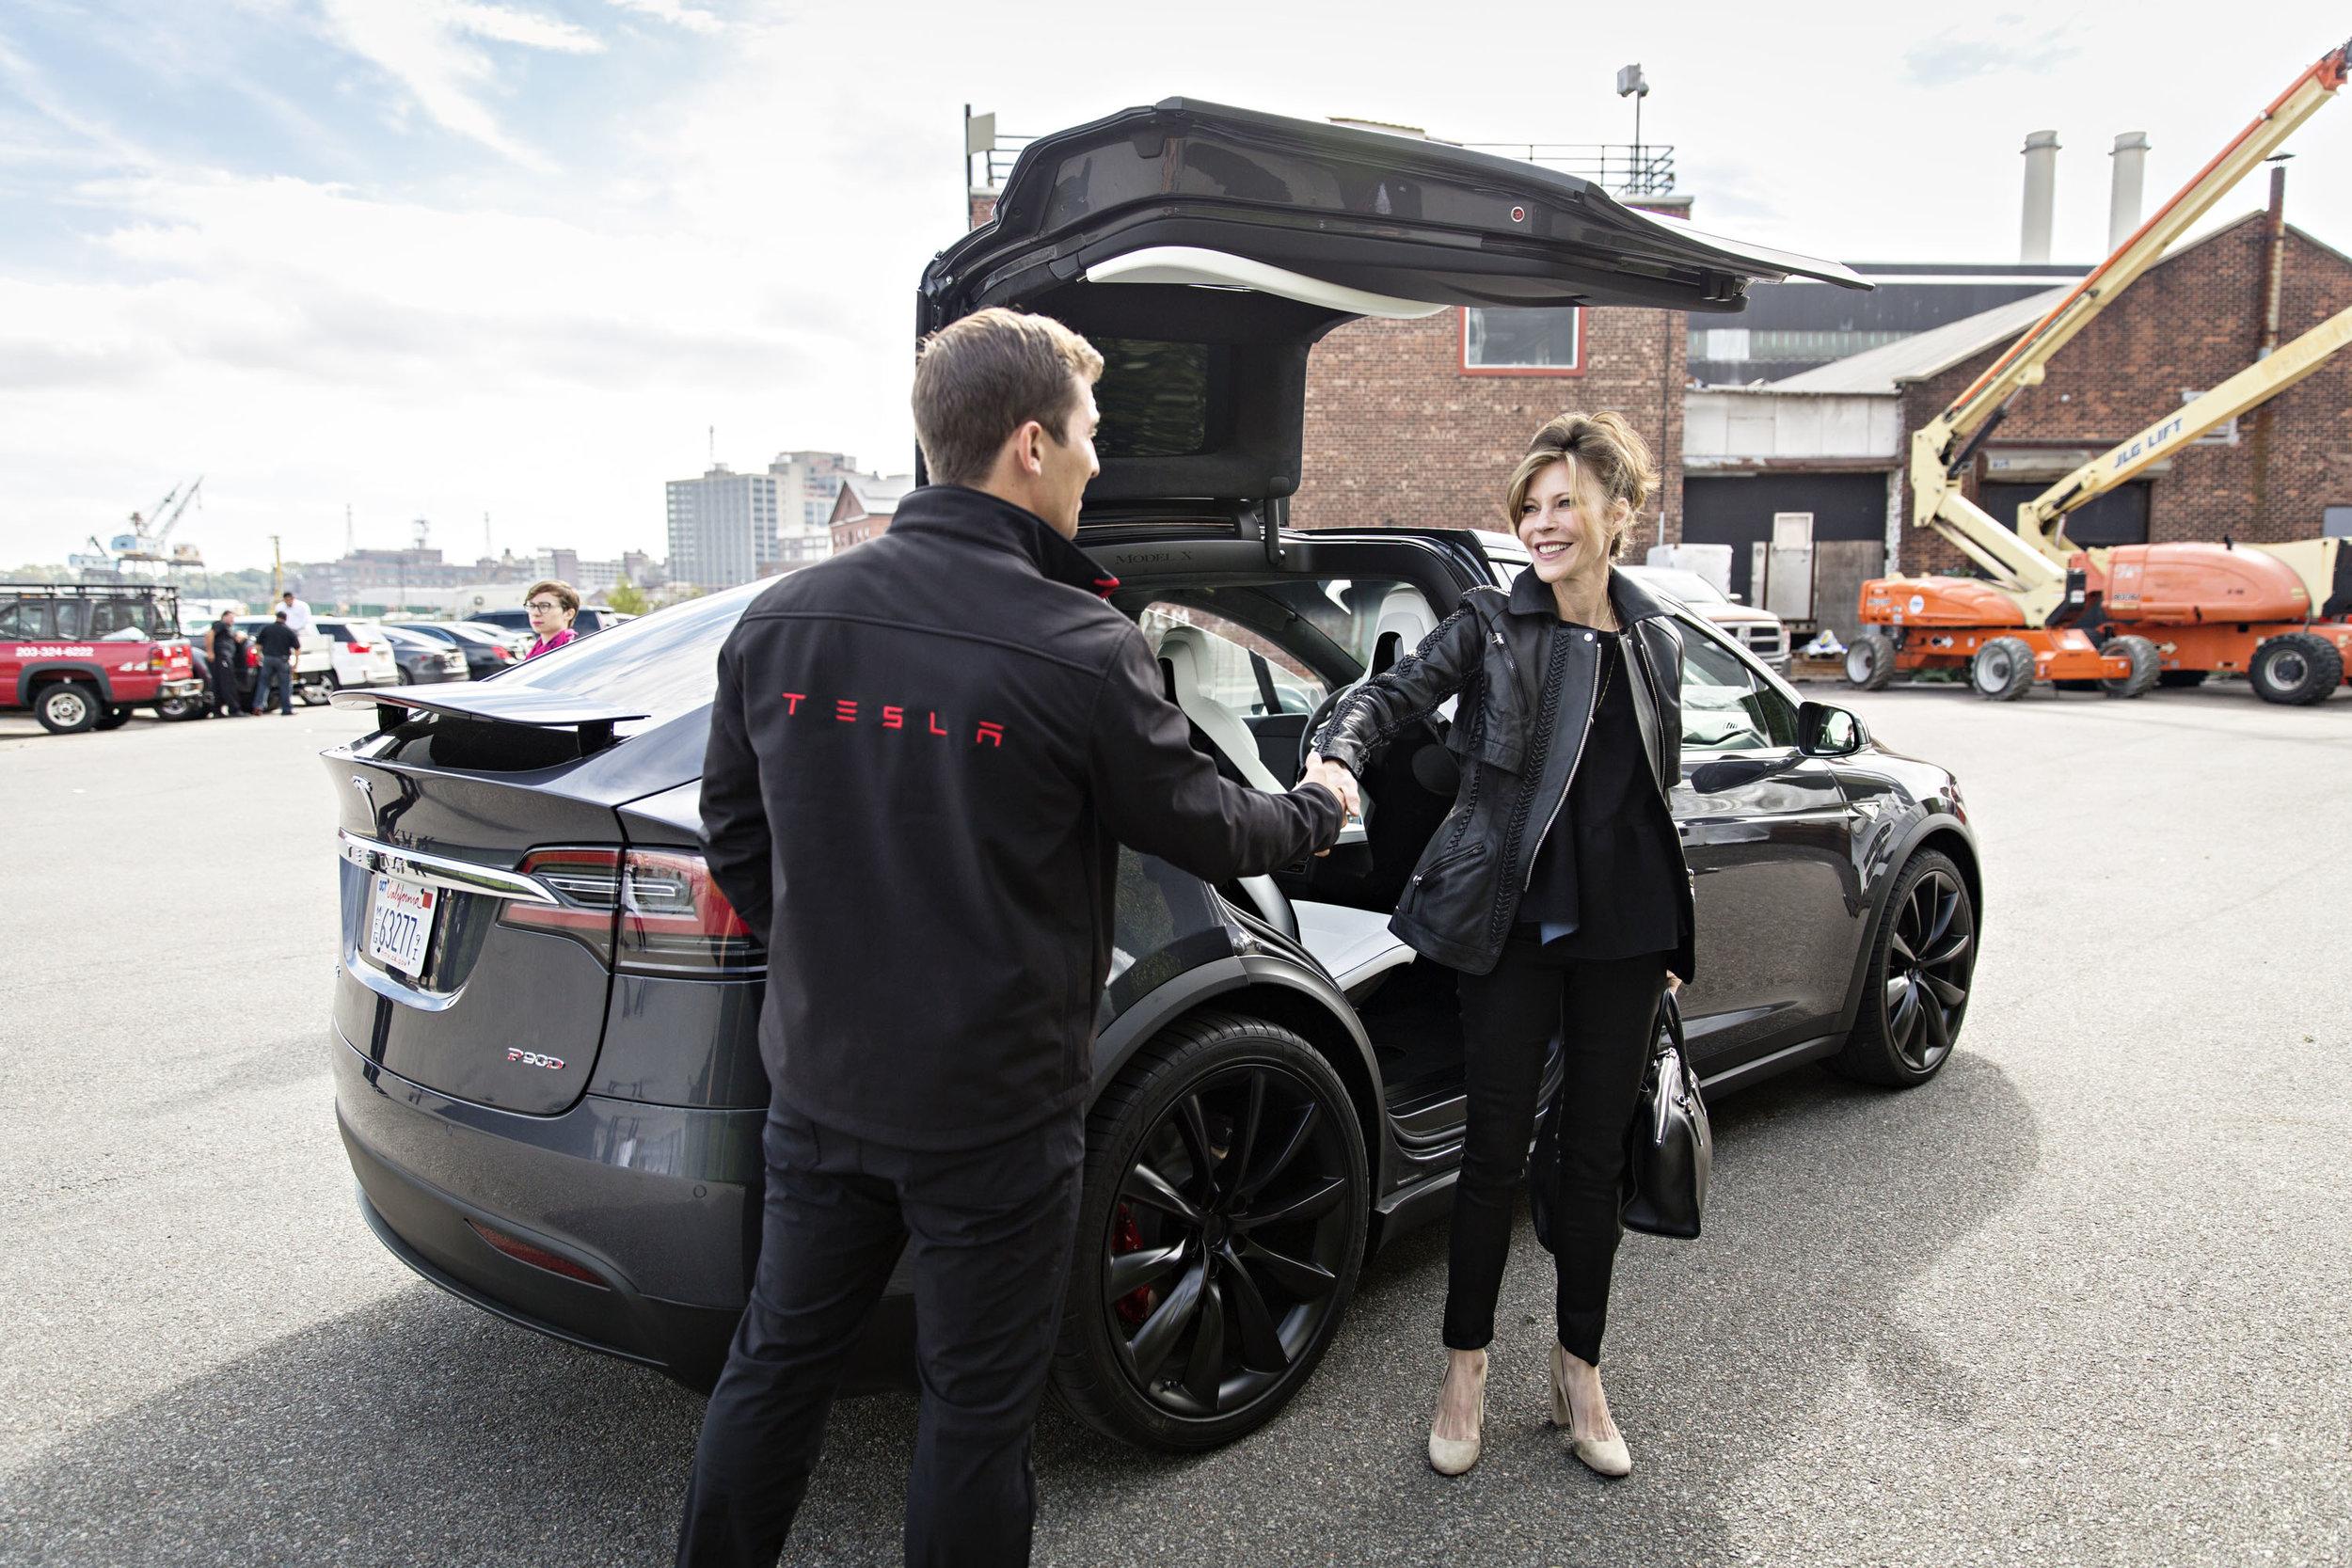 Robbie Meyers testing the Tesla car